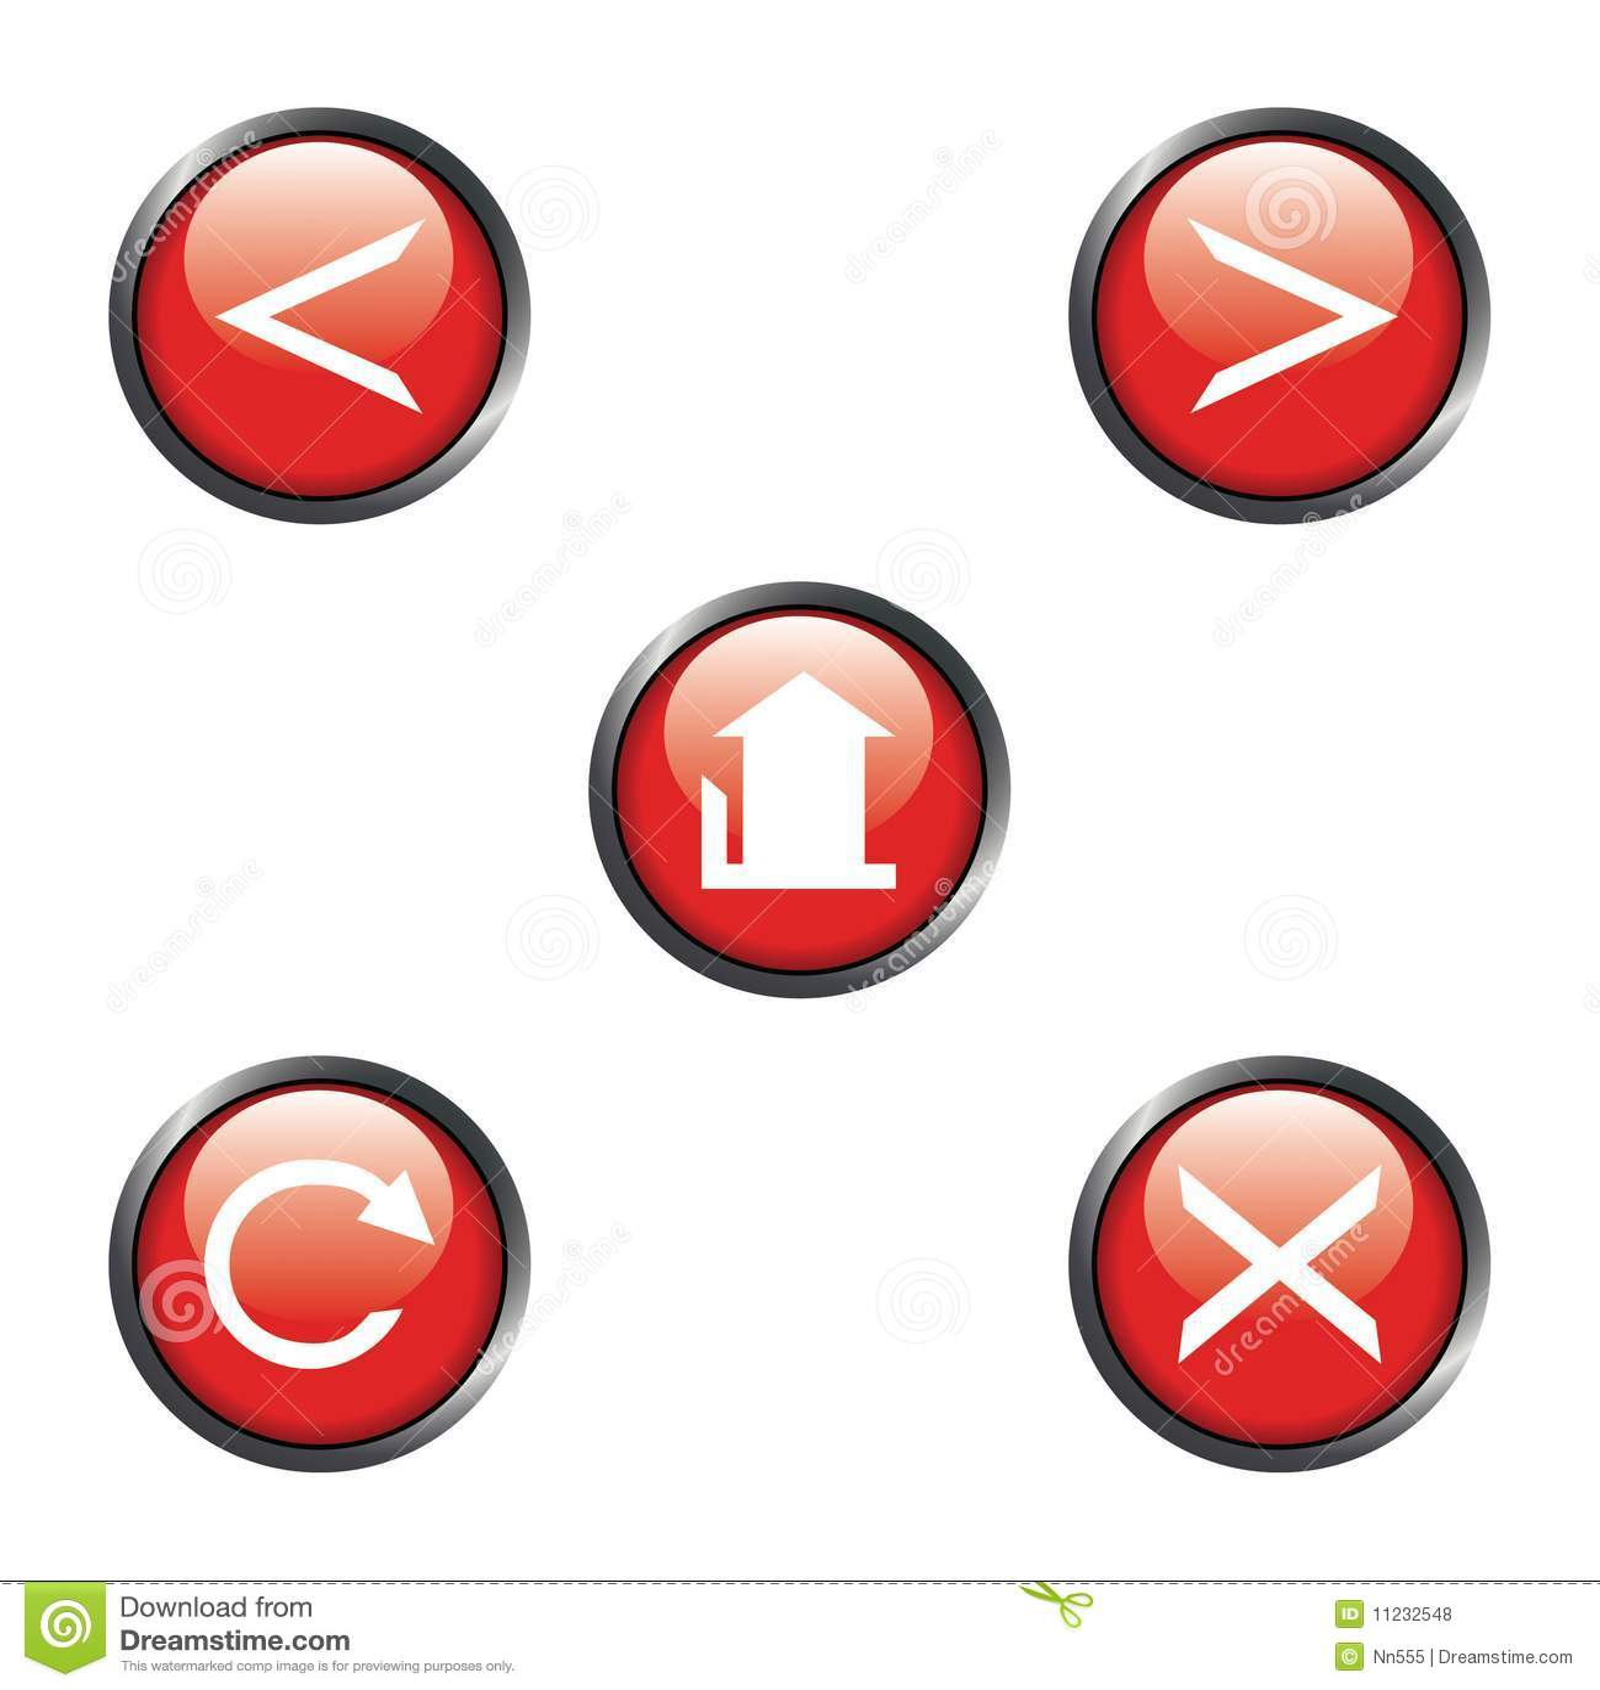 что такое навигационные кнопки вузы предоставляют